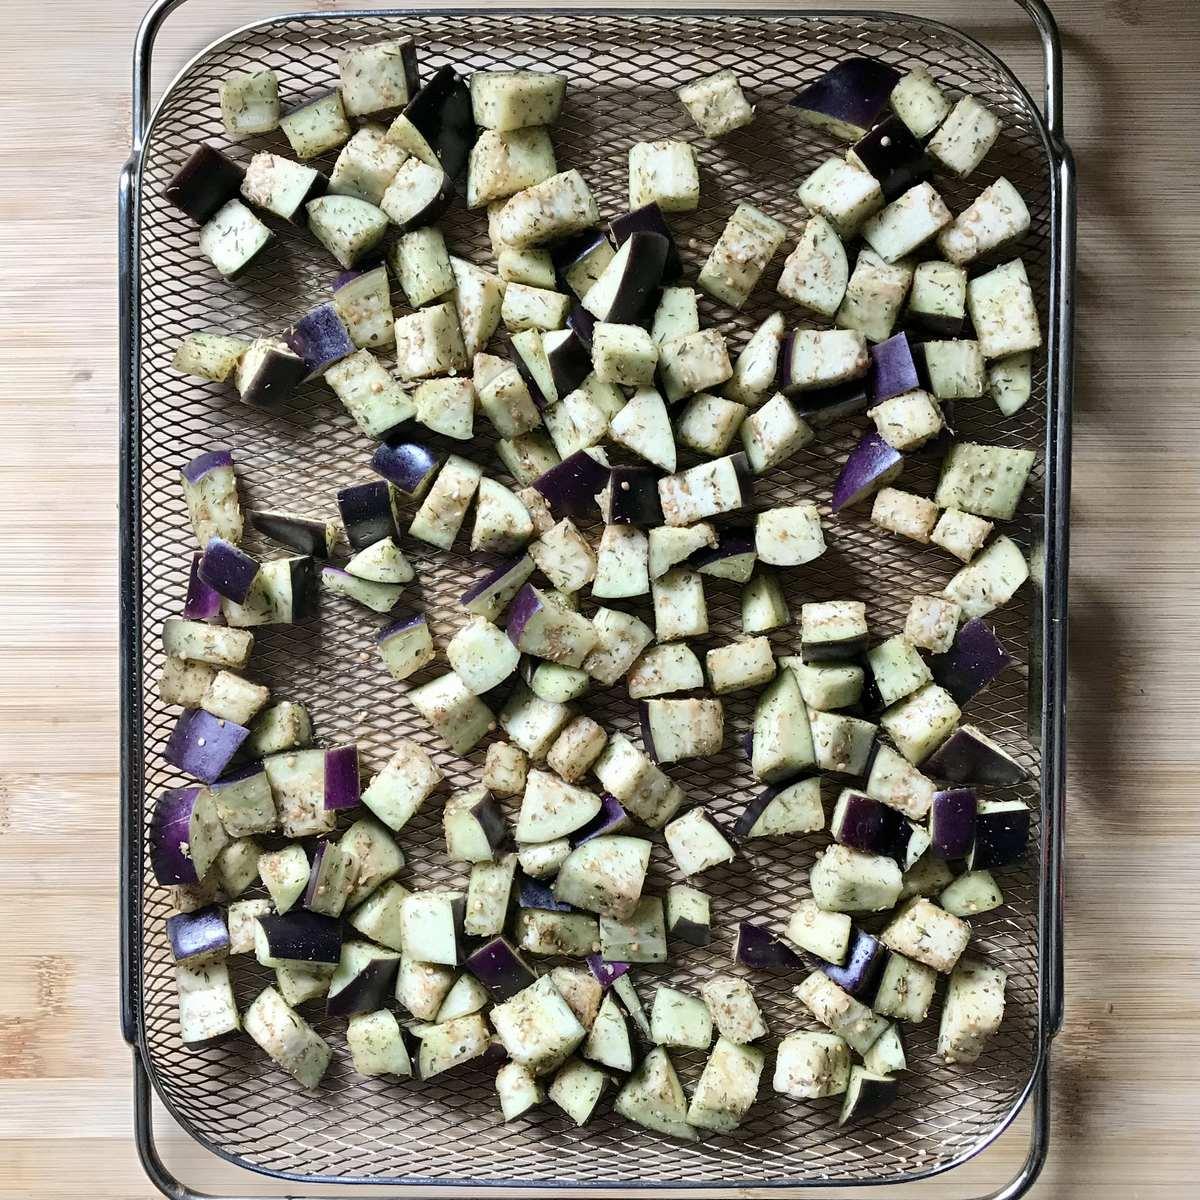 Diced eggplant spread on an air fryer basket.